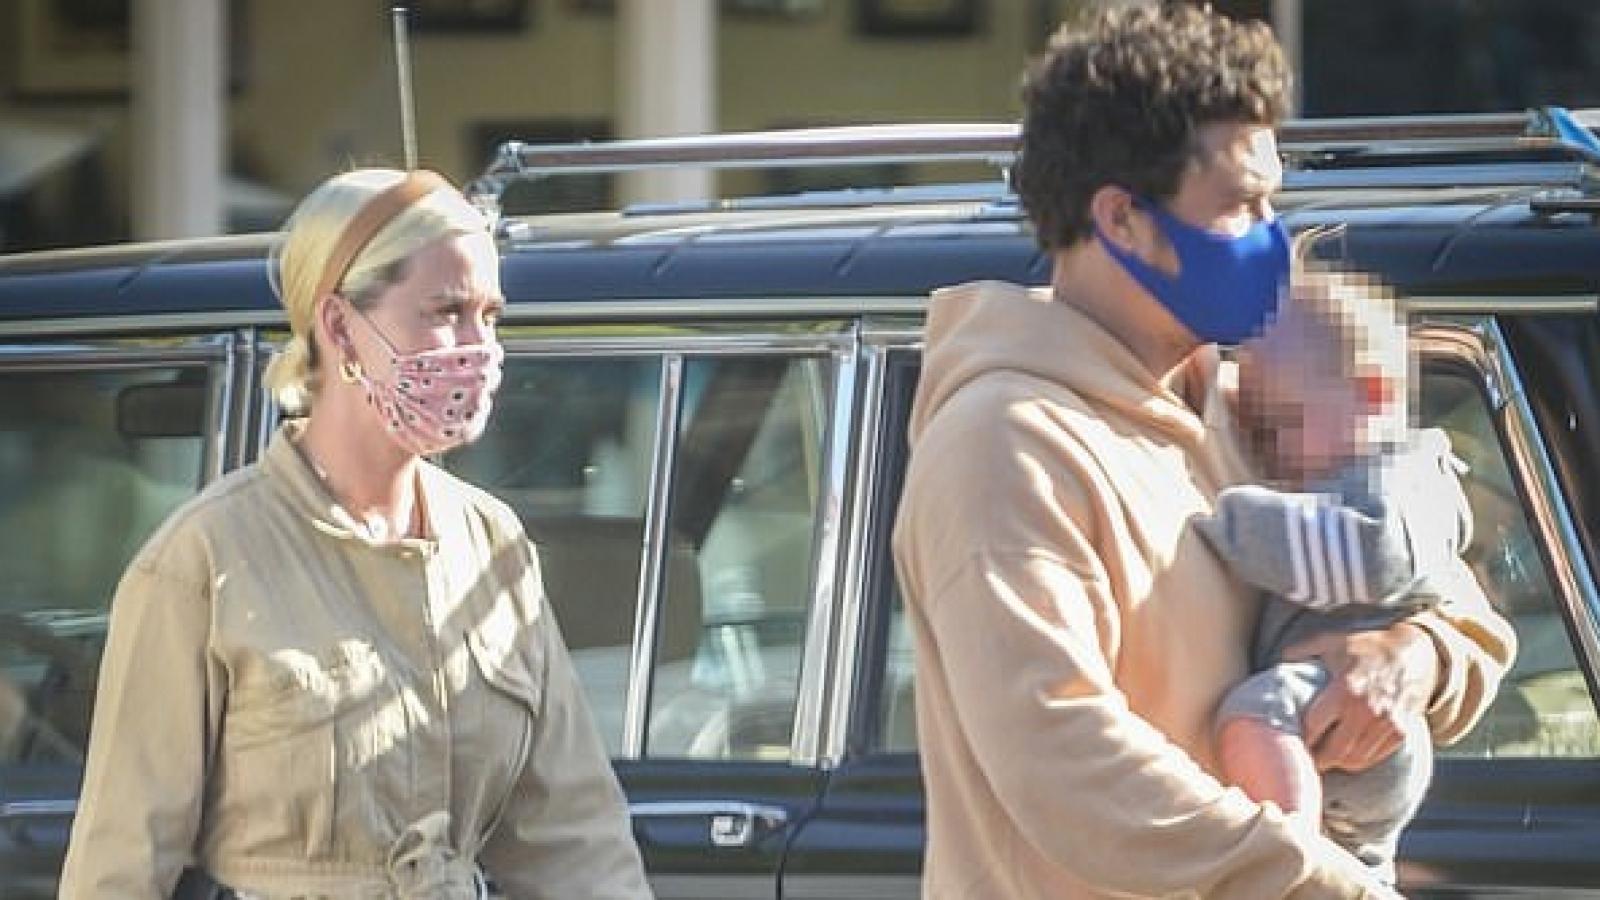 Ngày của mẹ, Orlando Bloom - Katy Perry hào hứng đưa con gái cưng đi chơi